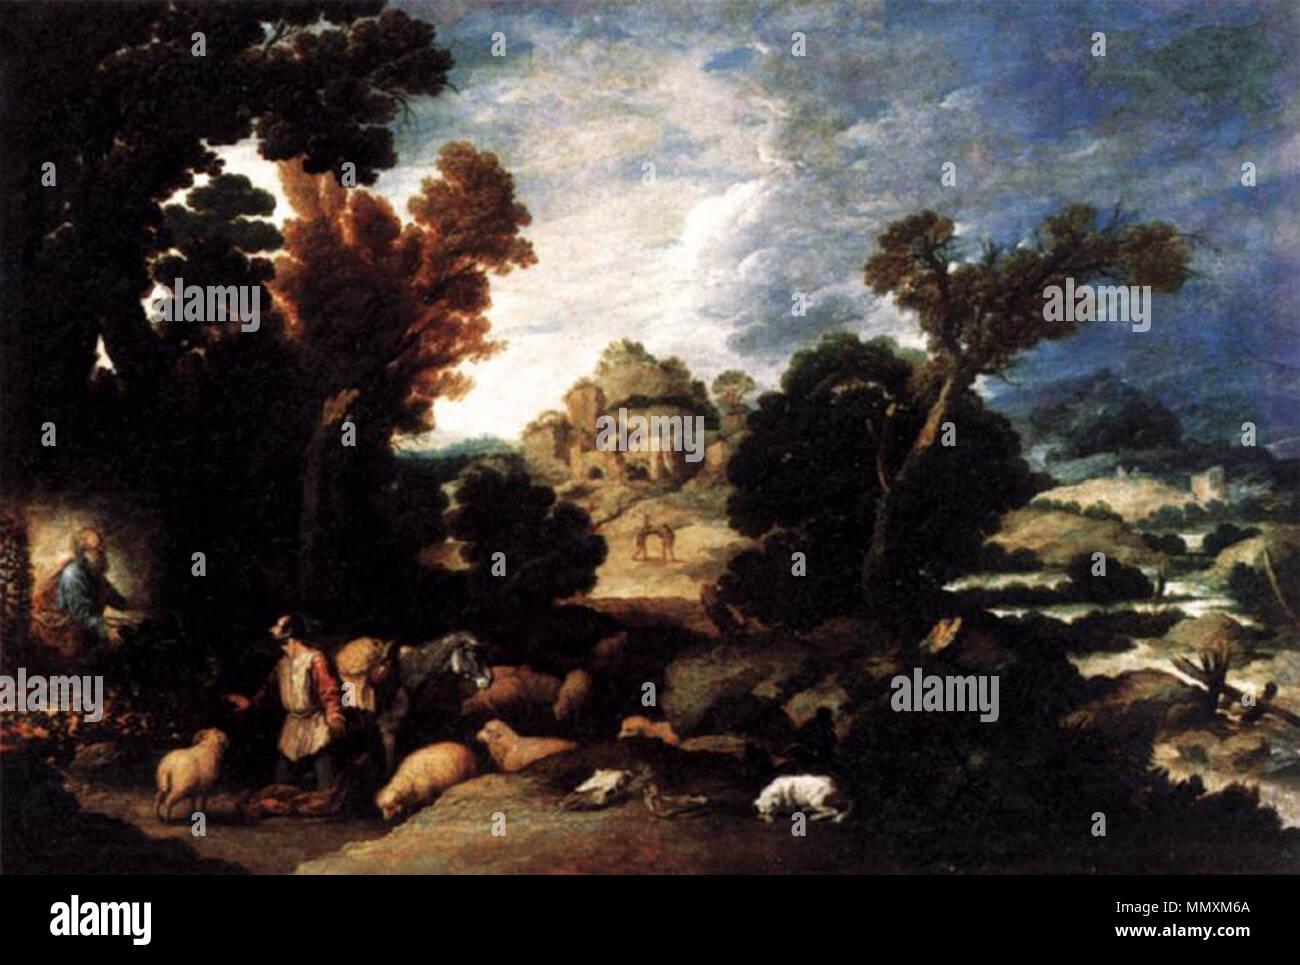 English: The Burning Bush . circa 1634. Francisco Collantes - The Burning Bush - WGA5150 - Stock Image